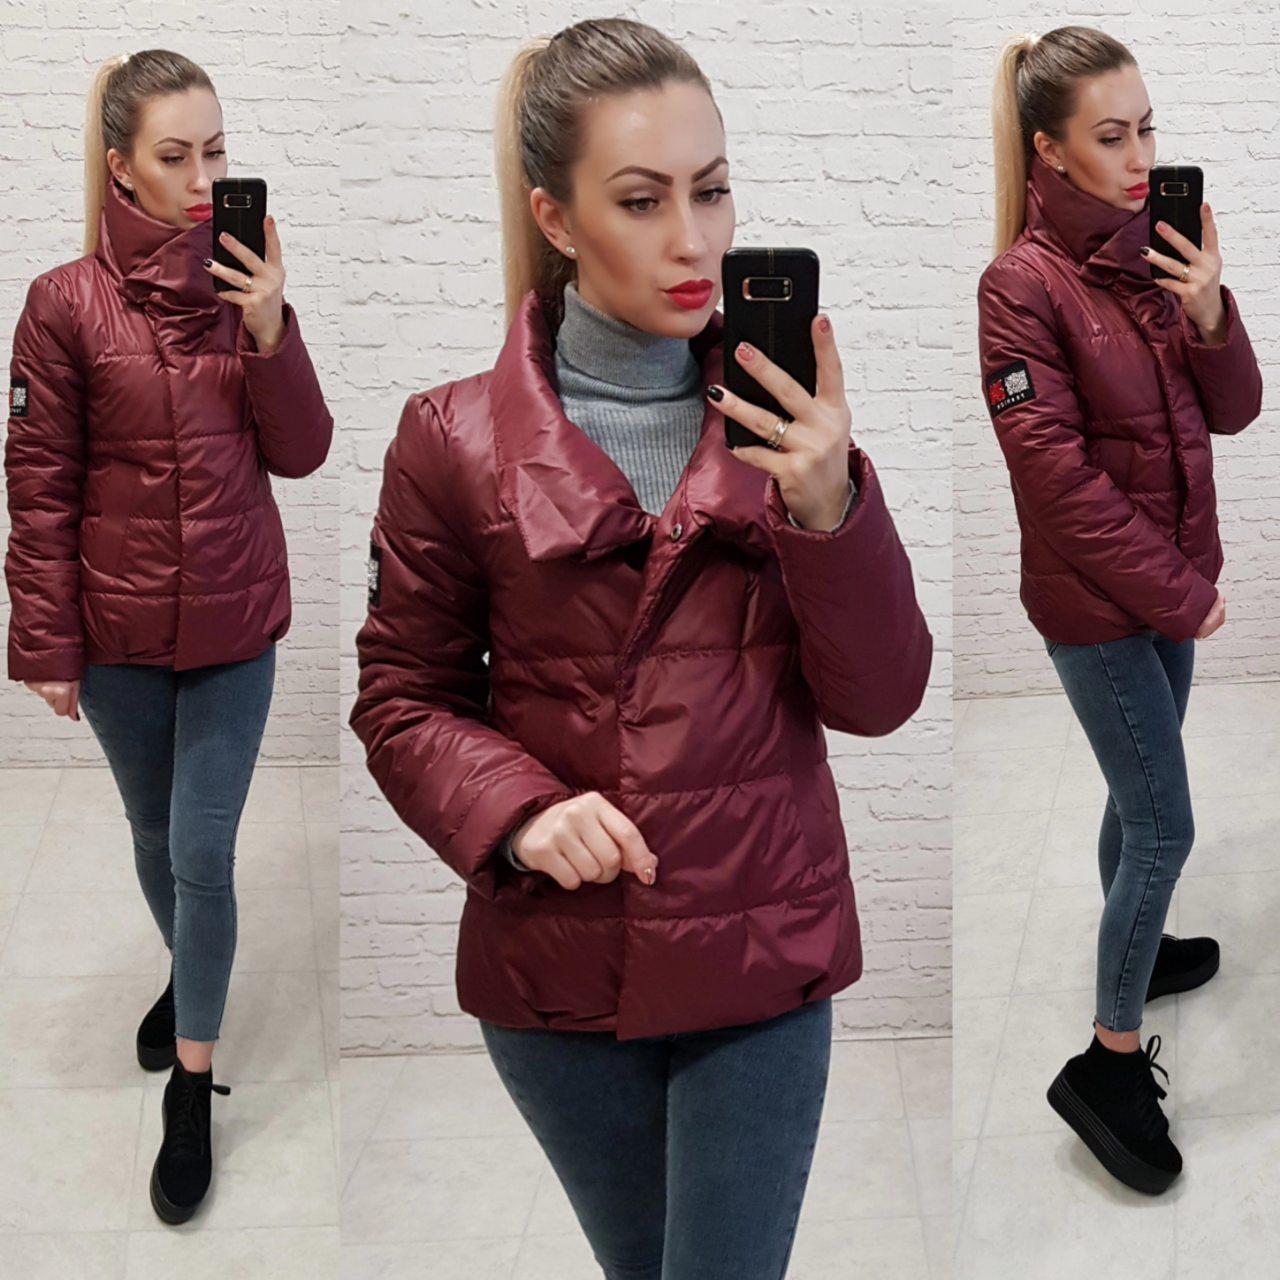 Куртка кокон коротка вільного крою арт. 1004 бордовий / вишневий